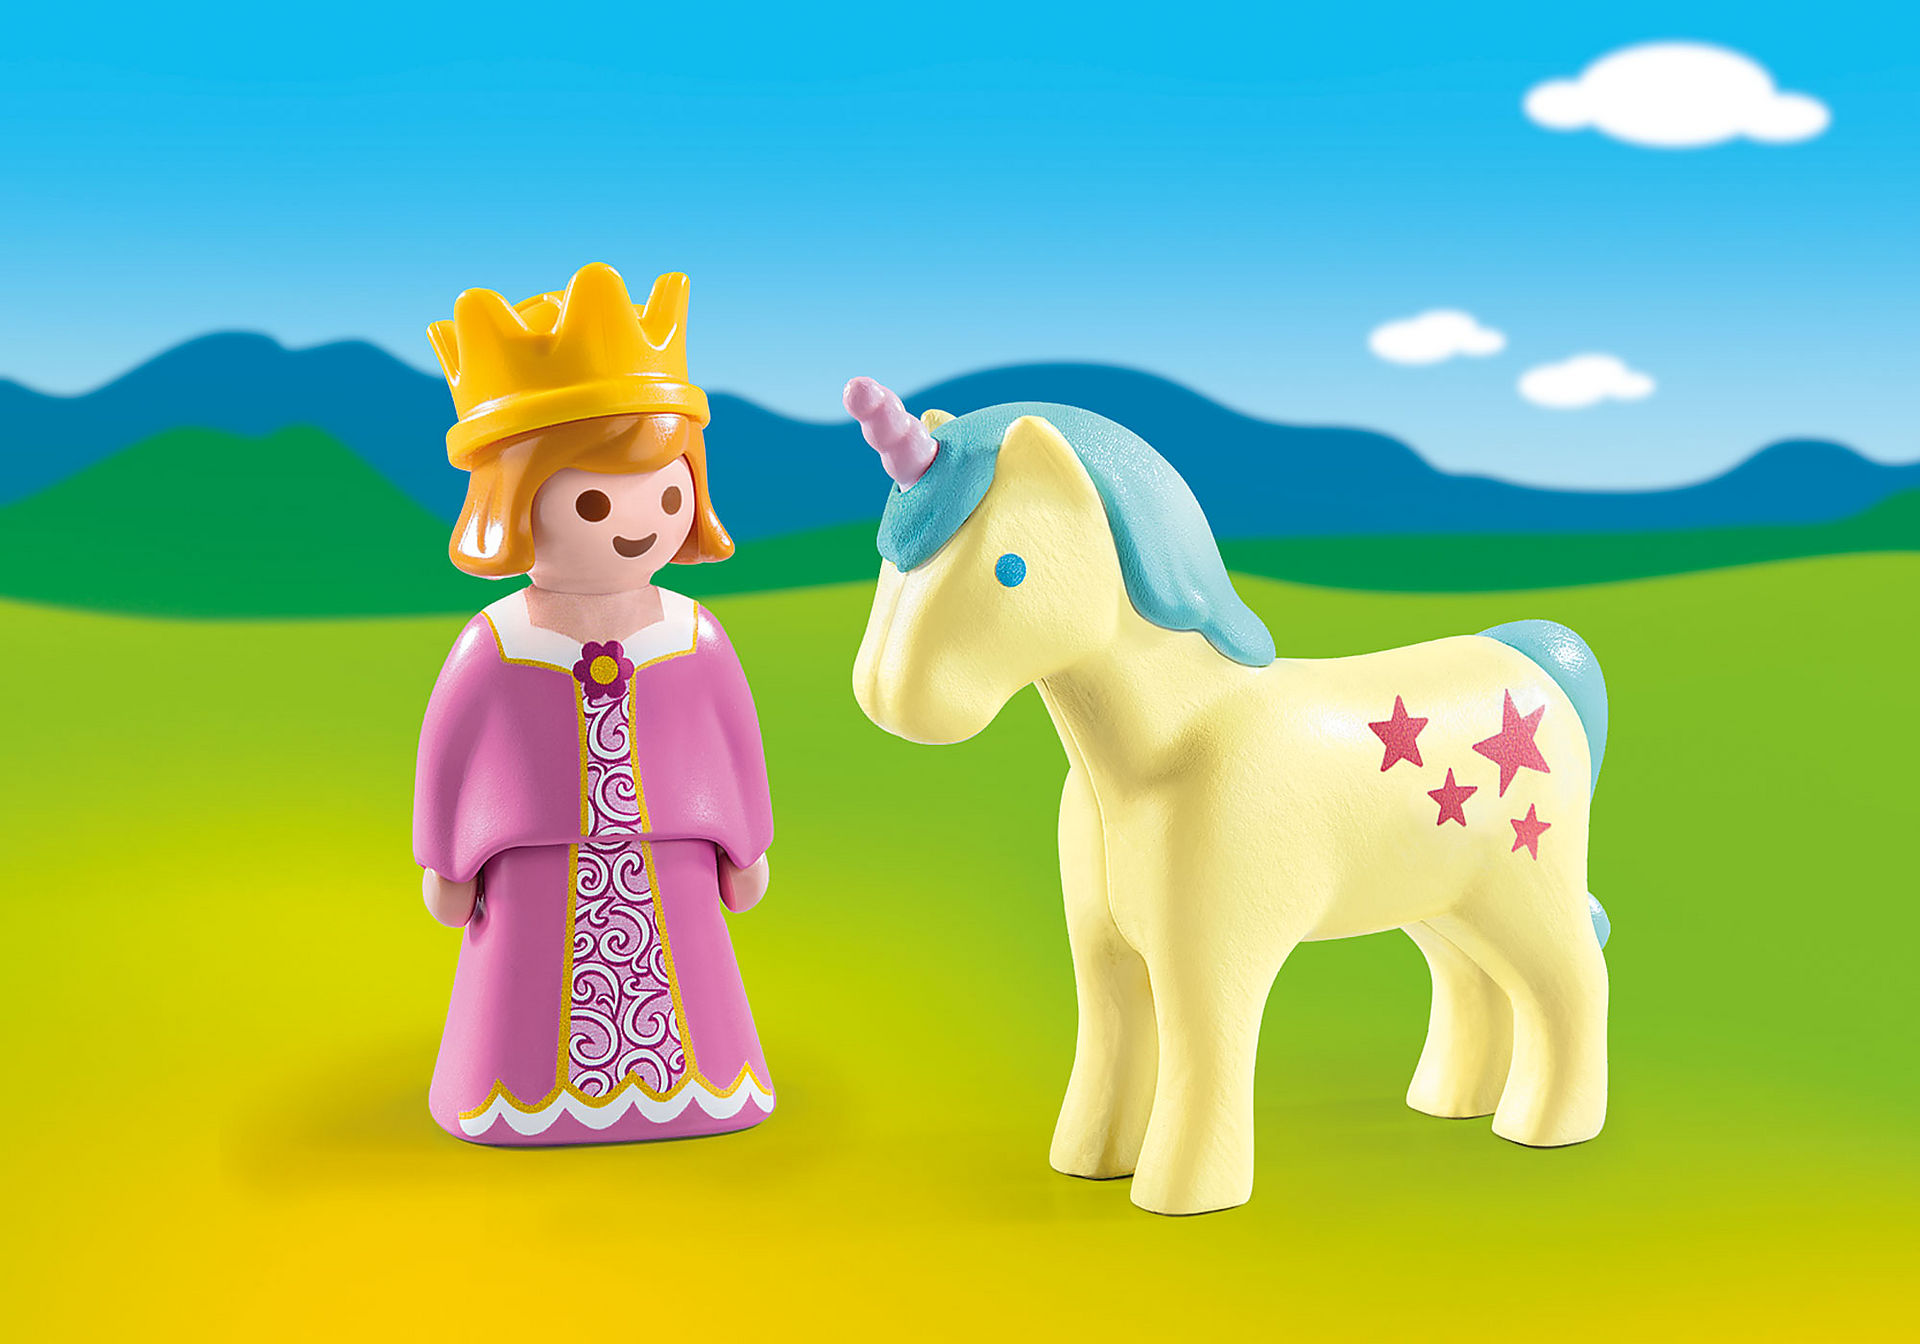 70127 Principessa con Unicorno 1.2.3 zoom image1